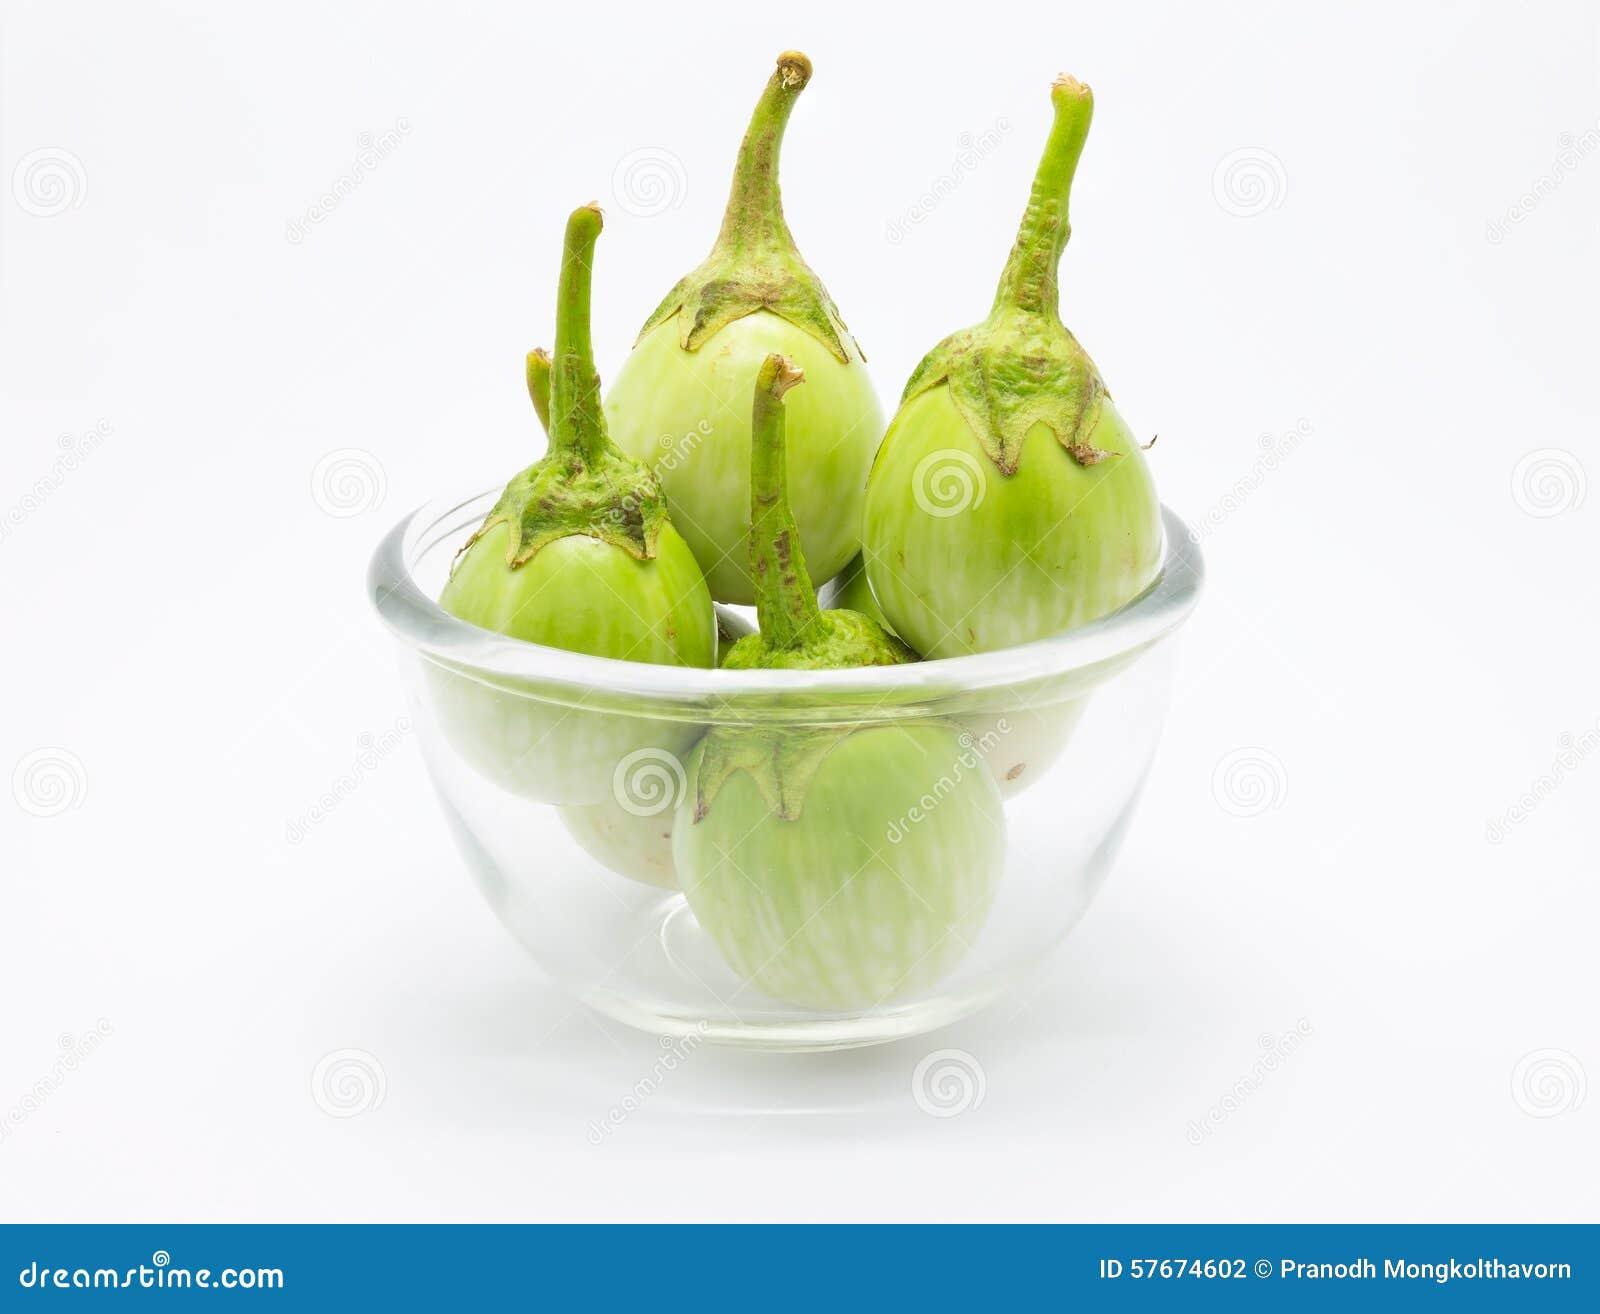 Bunke av grön aubergine